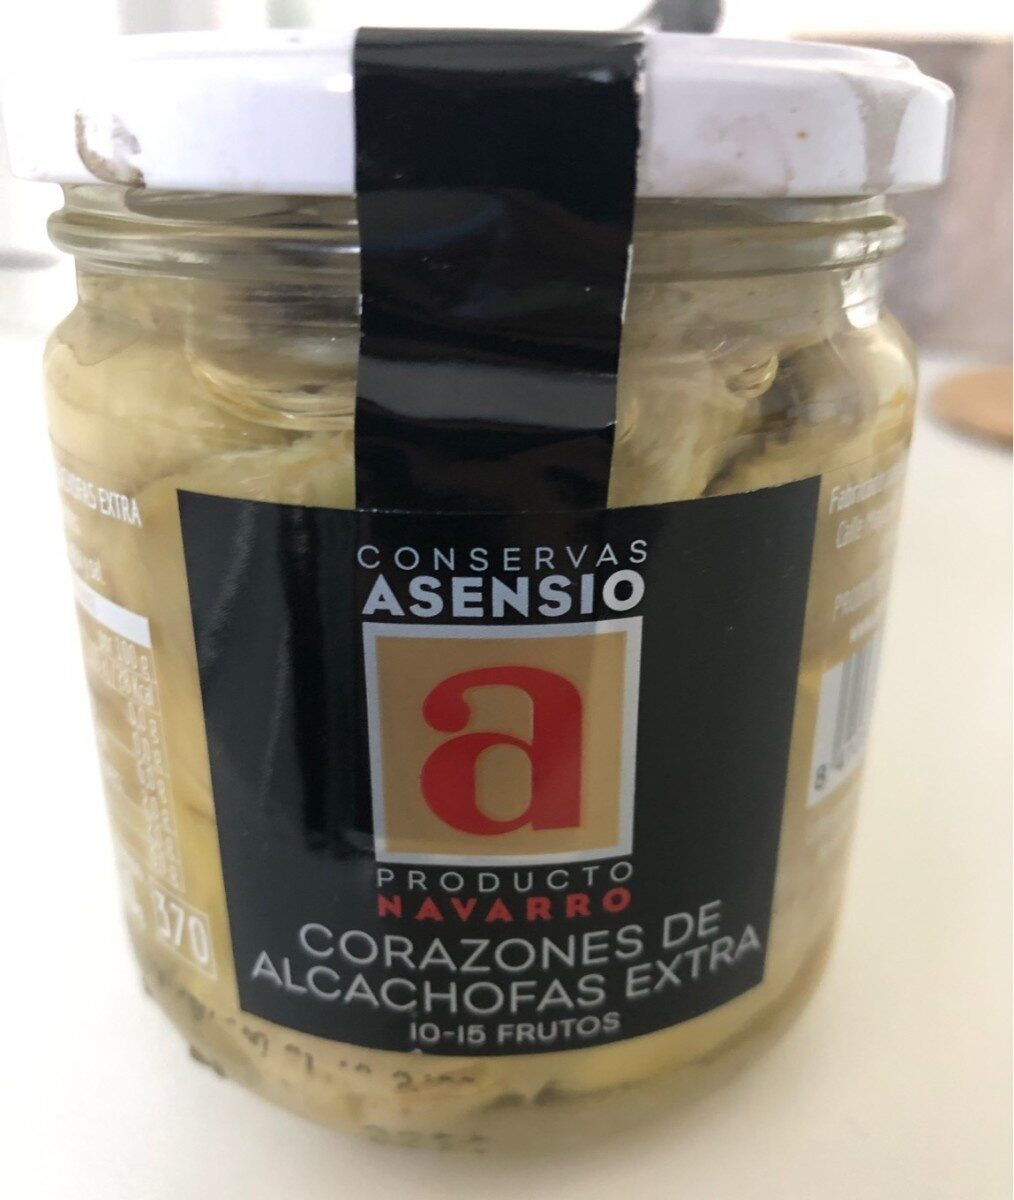 Corazones de alcachofas extra - Produit - es